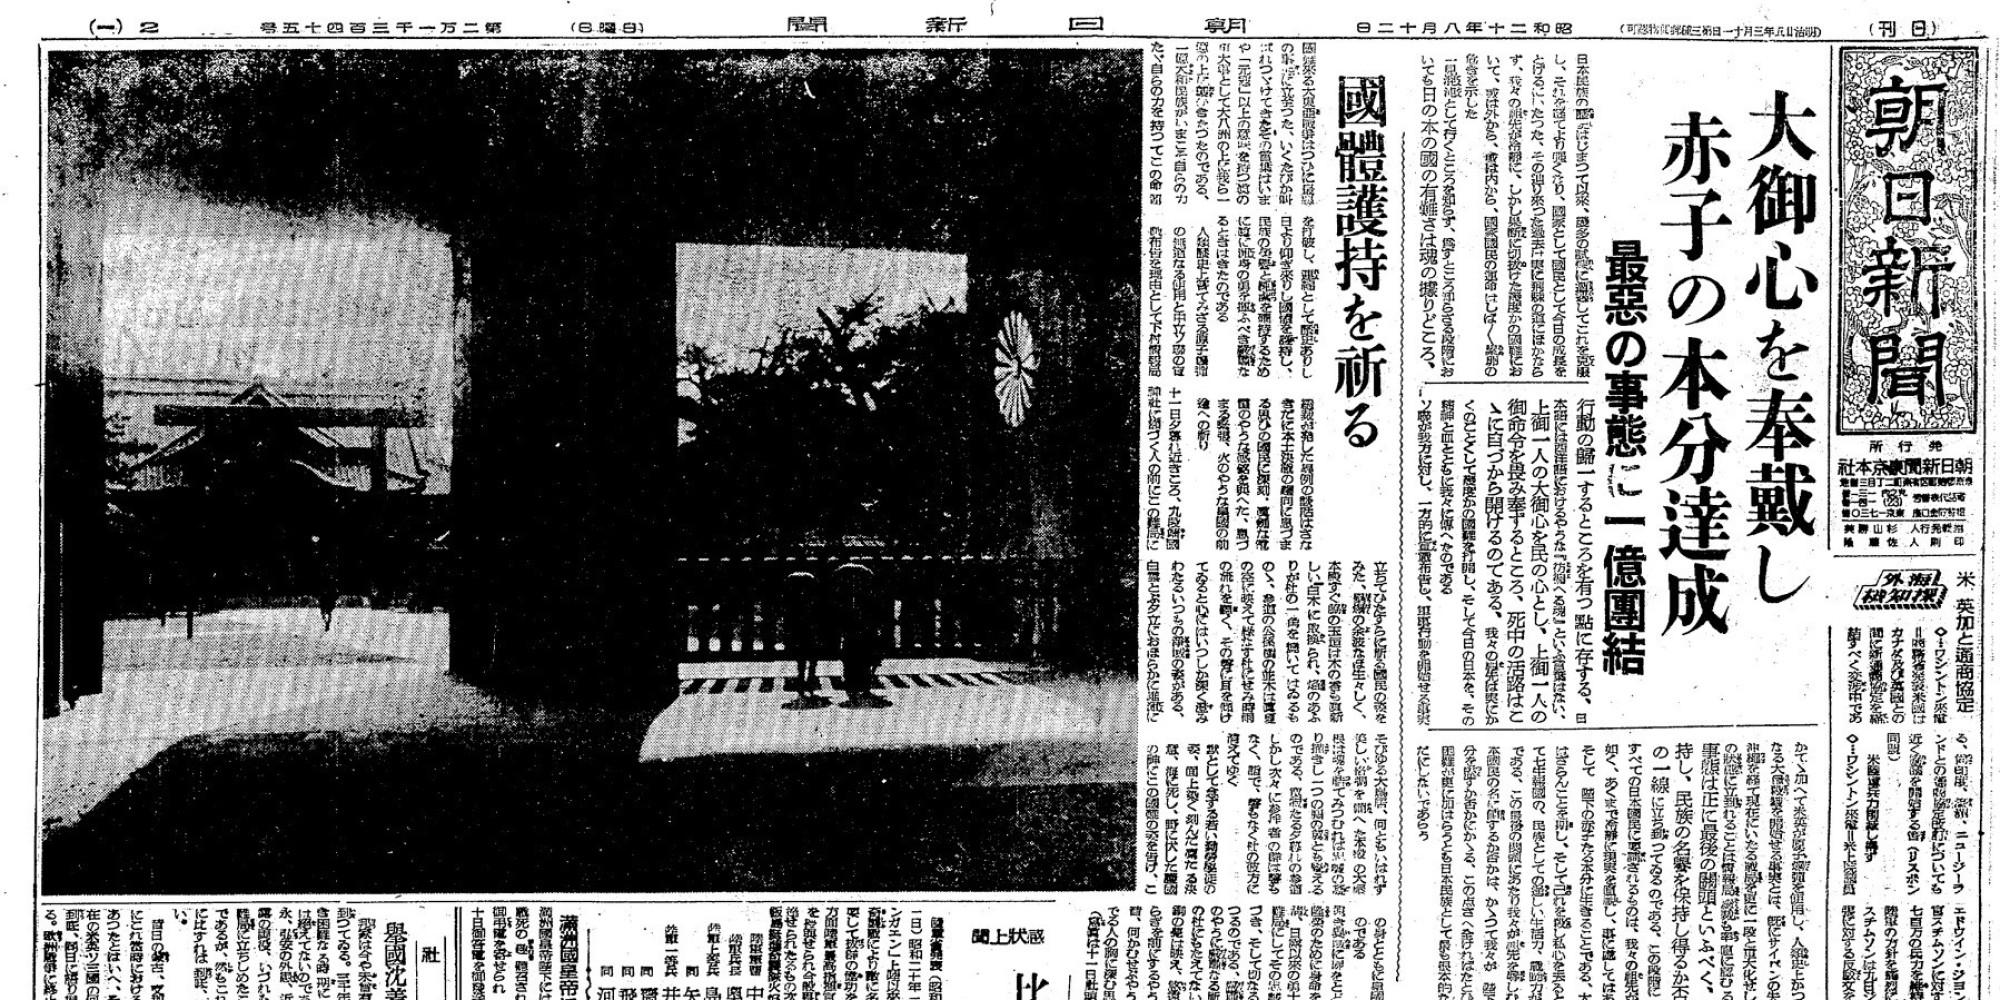 【戦後70年】新聞から影を潛めた「本土決戦」 1945年8月12日は ...